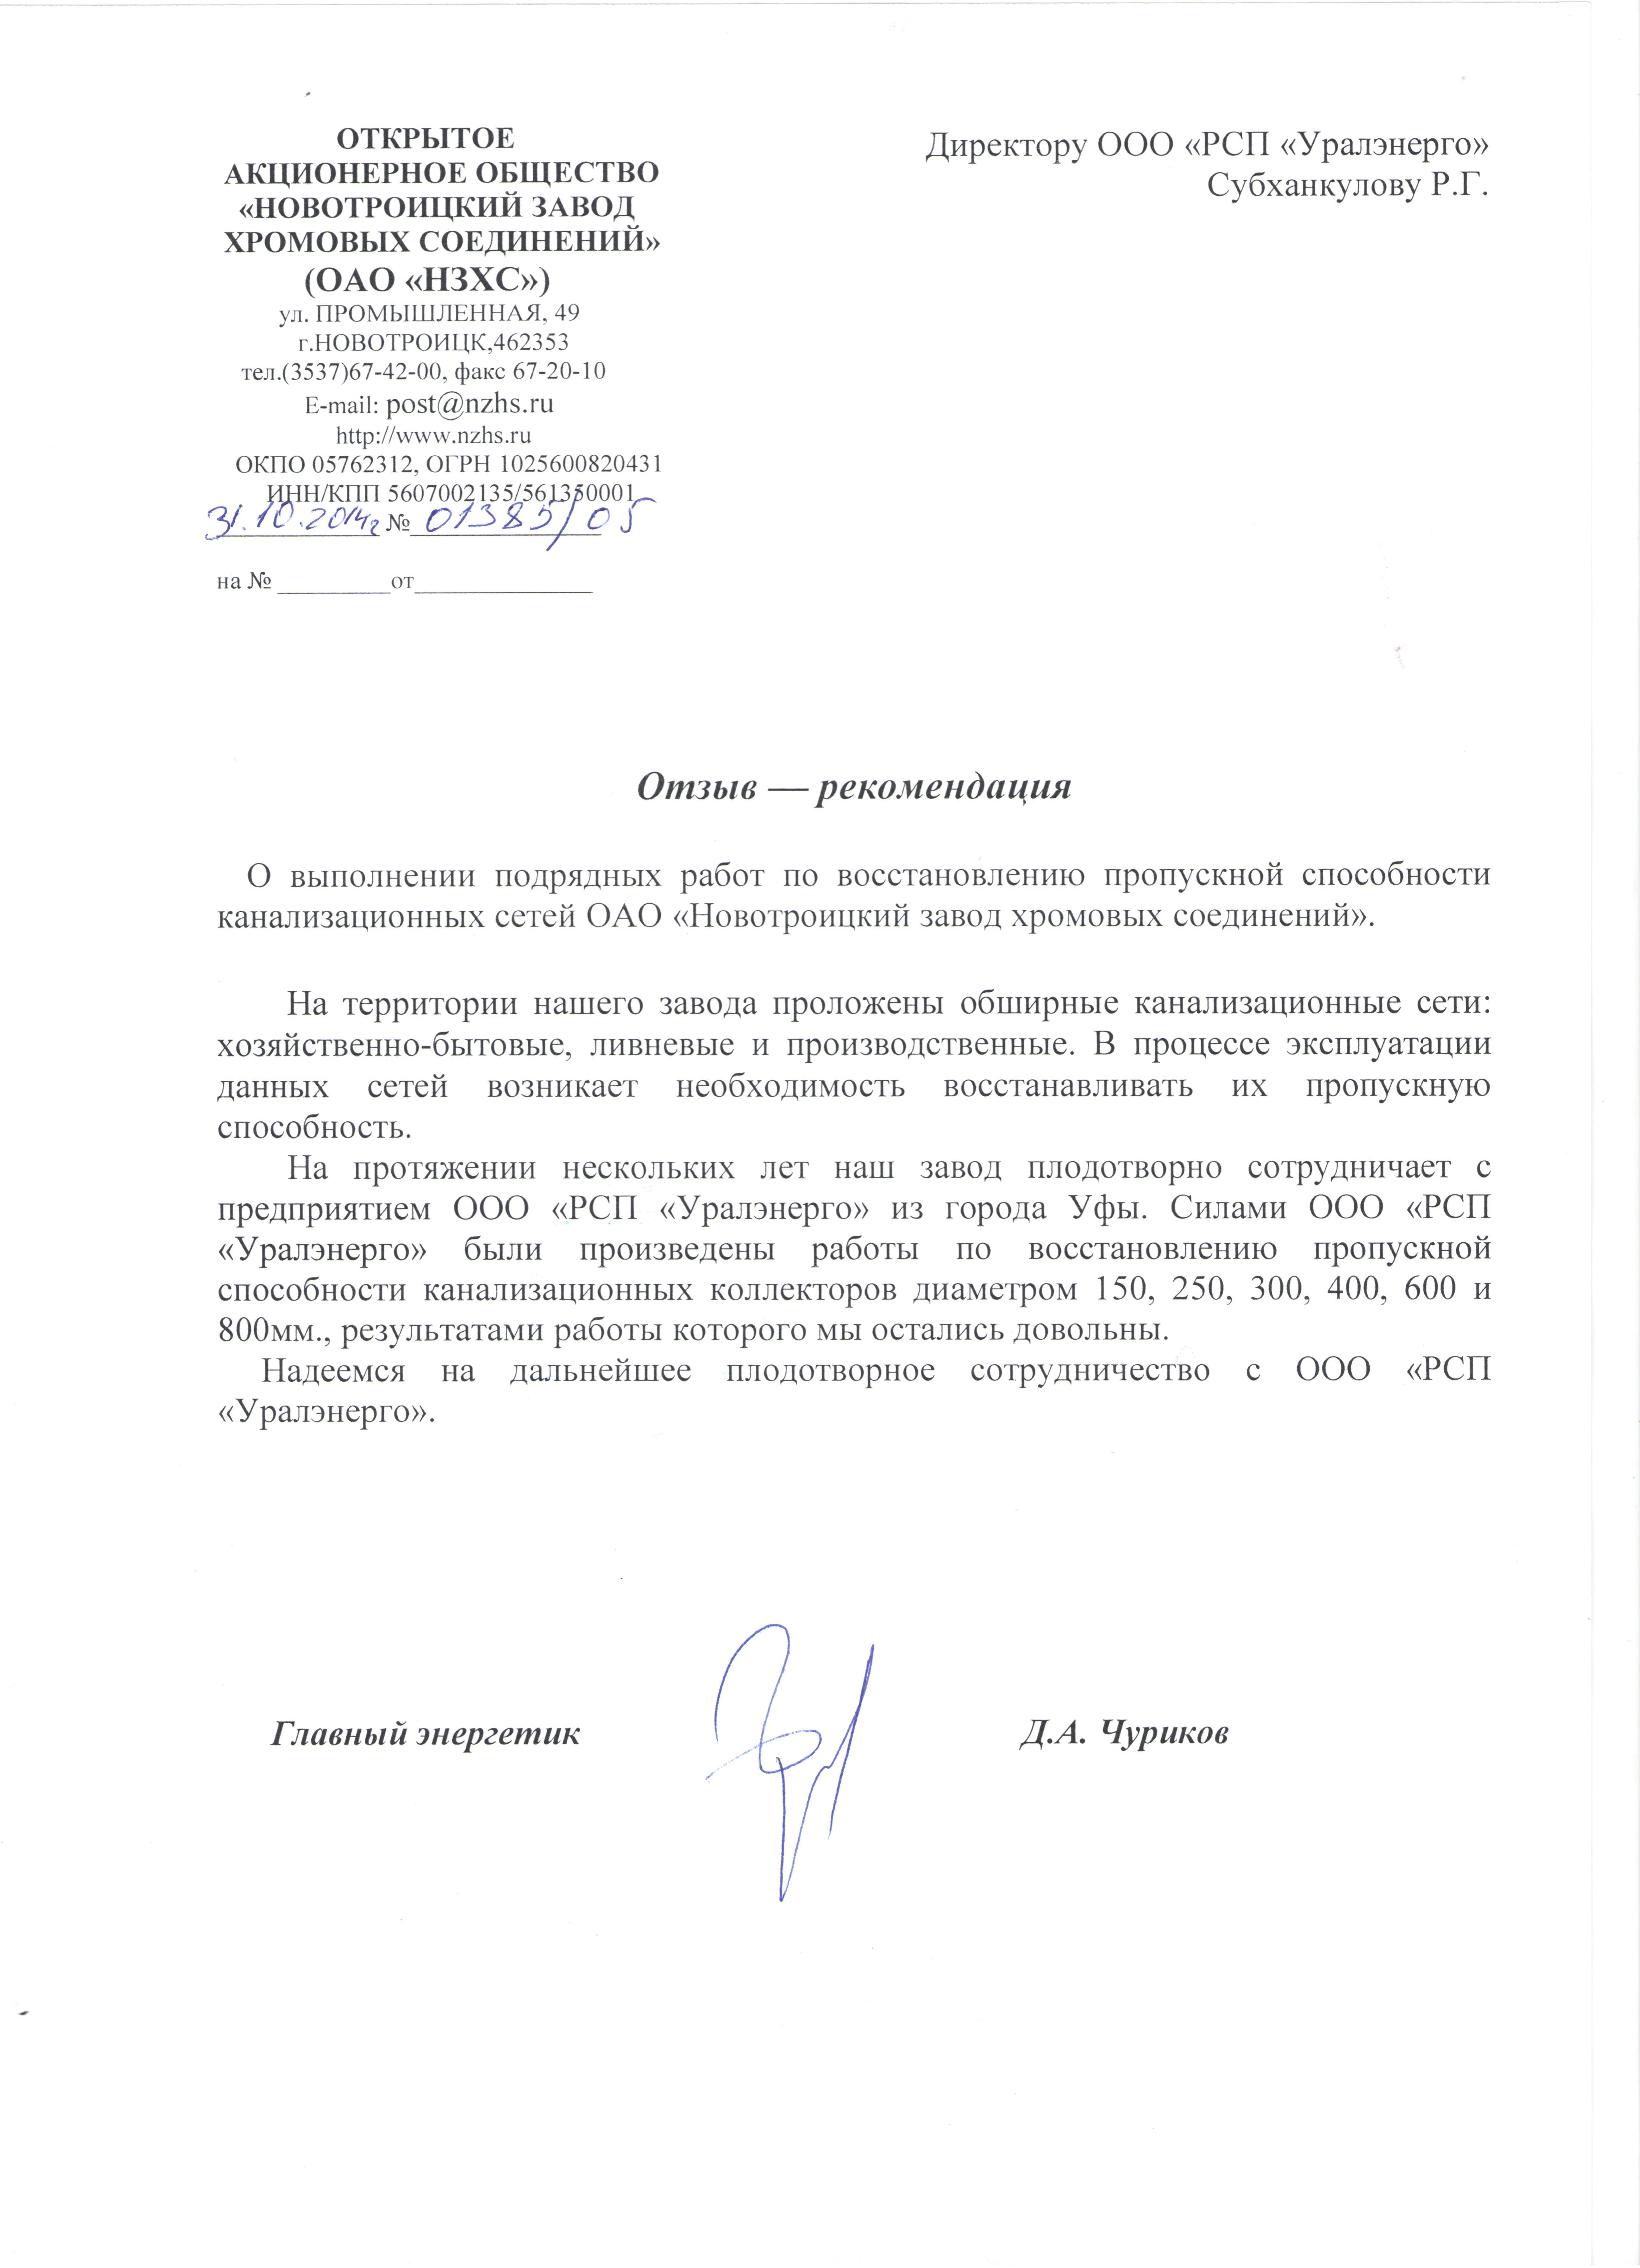 РСП Уралэнерго 3